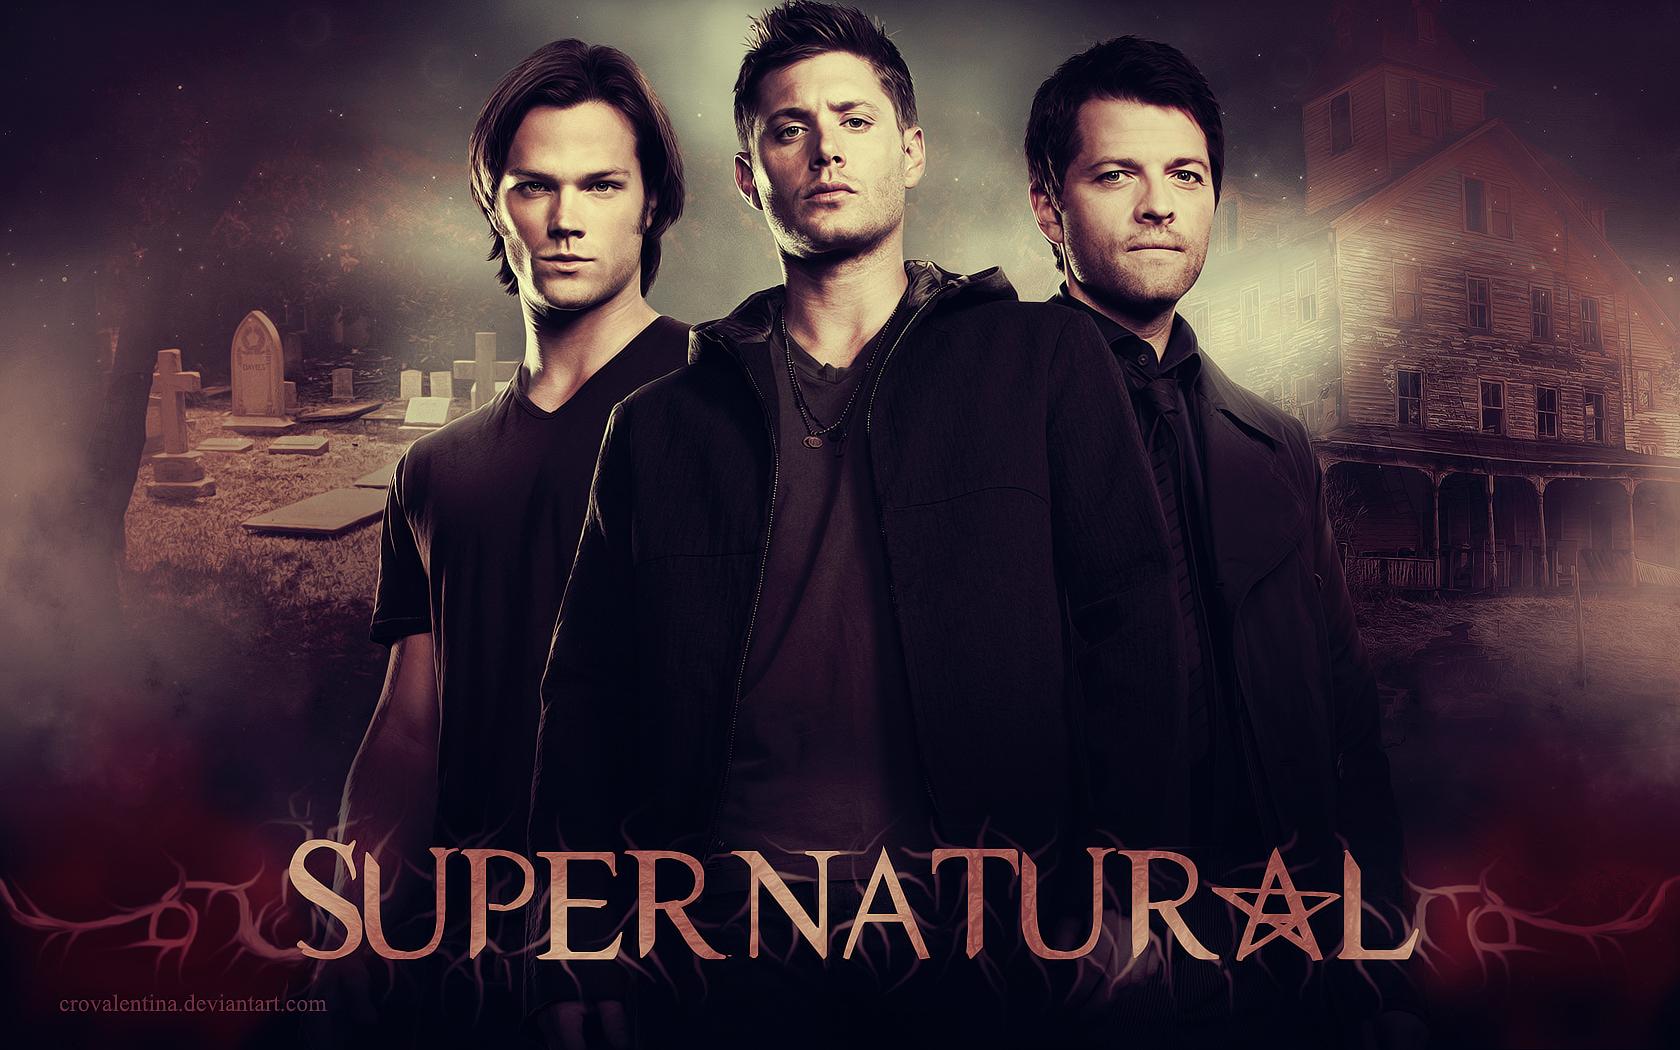 Supernatural supernatural 30545991 1680 1050 1680x1050